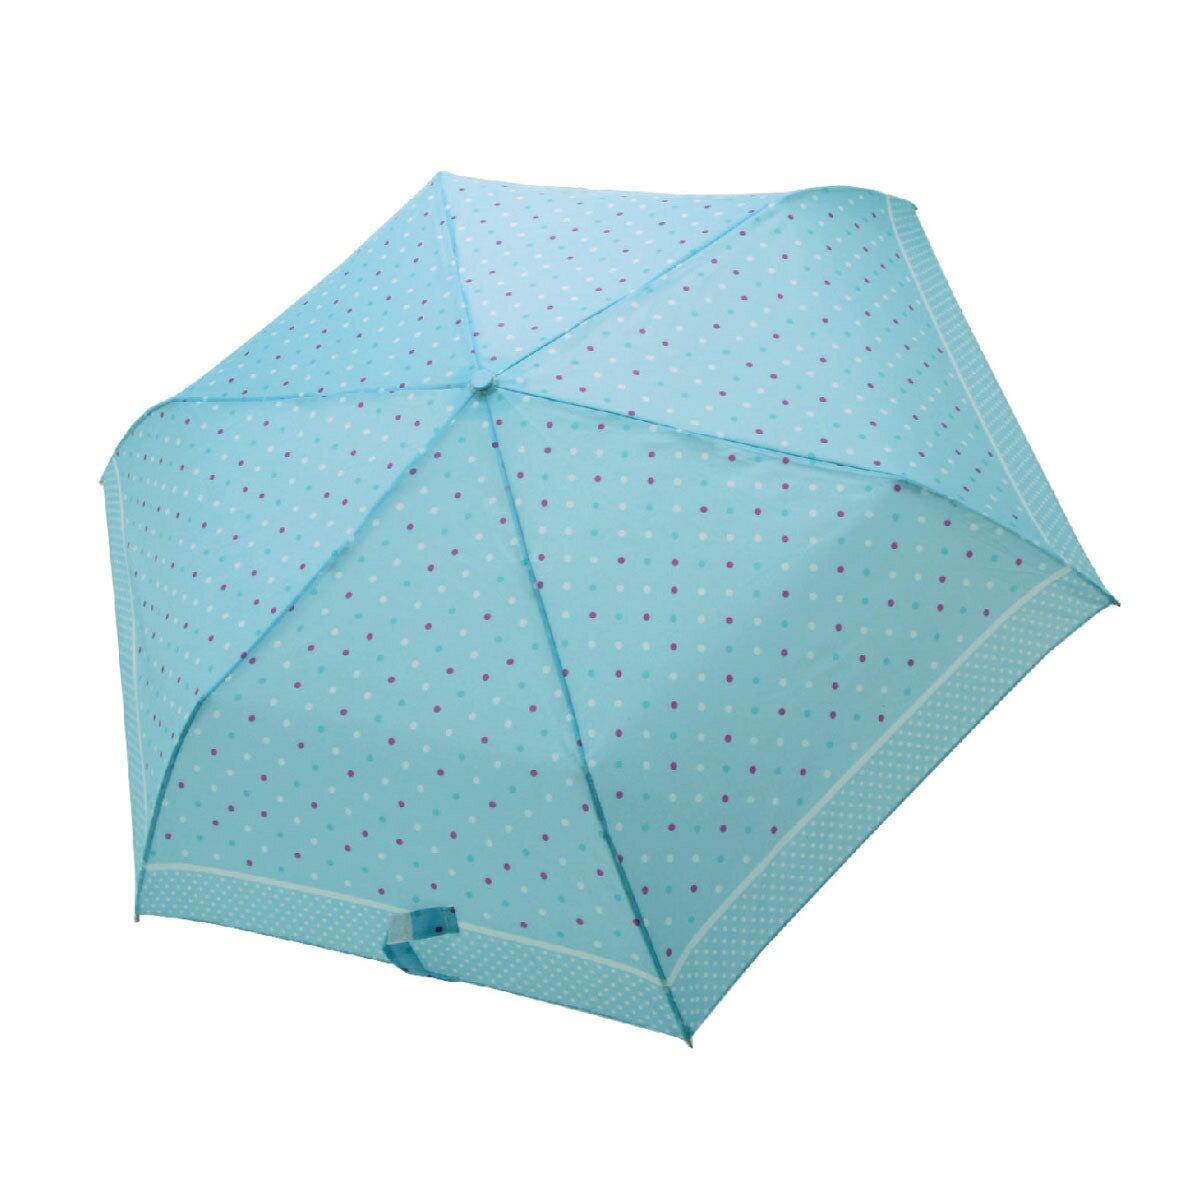 【iumbrella】晴雨兩用傘雨傘 折傘 圓點小彎勾-淺藍